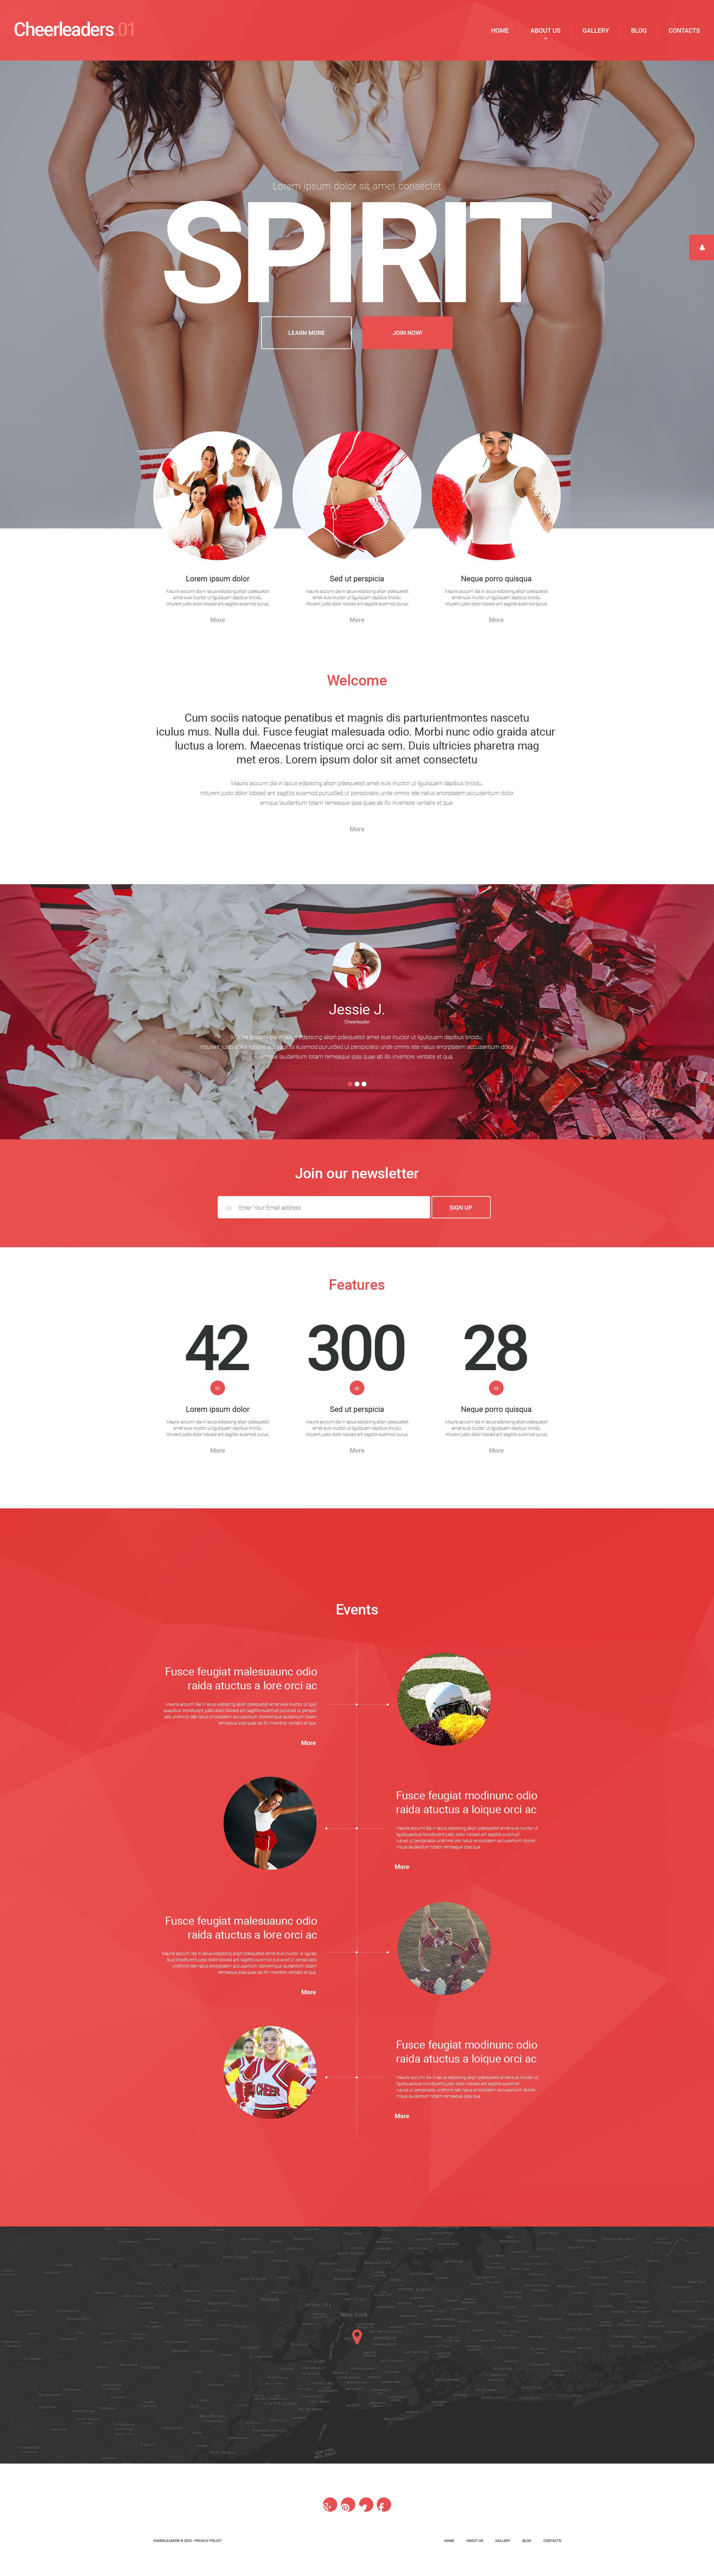 """""""Energetic Cheerleaders"""" thème WordPress adaptatif #54993 - screenshot"""